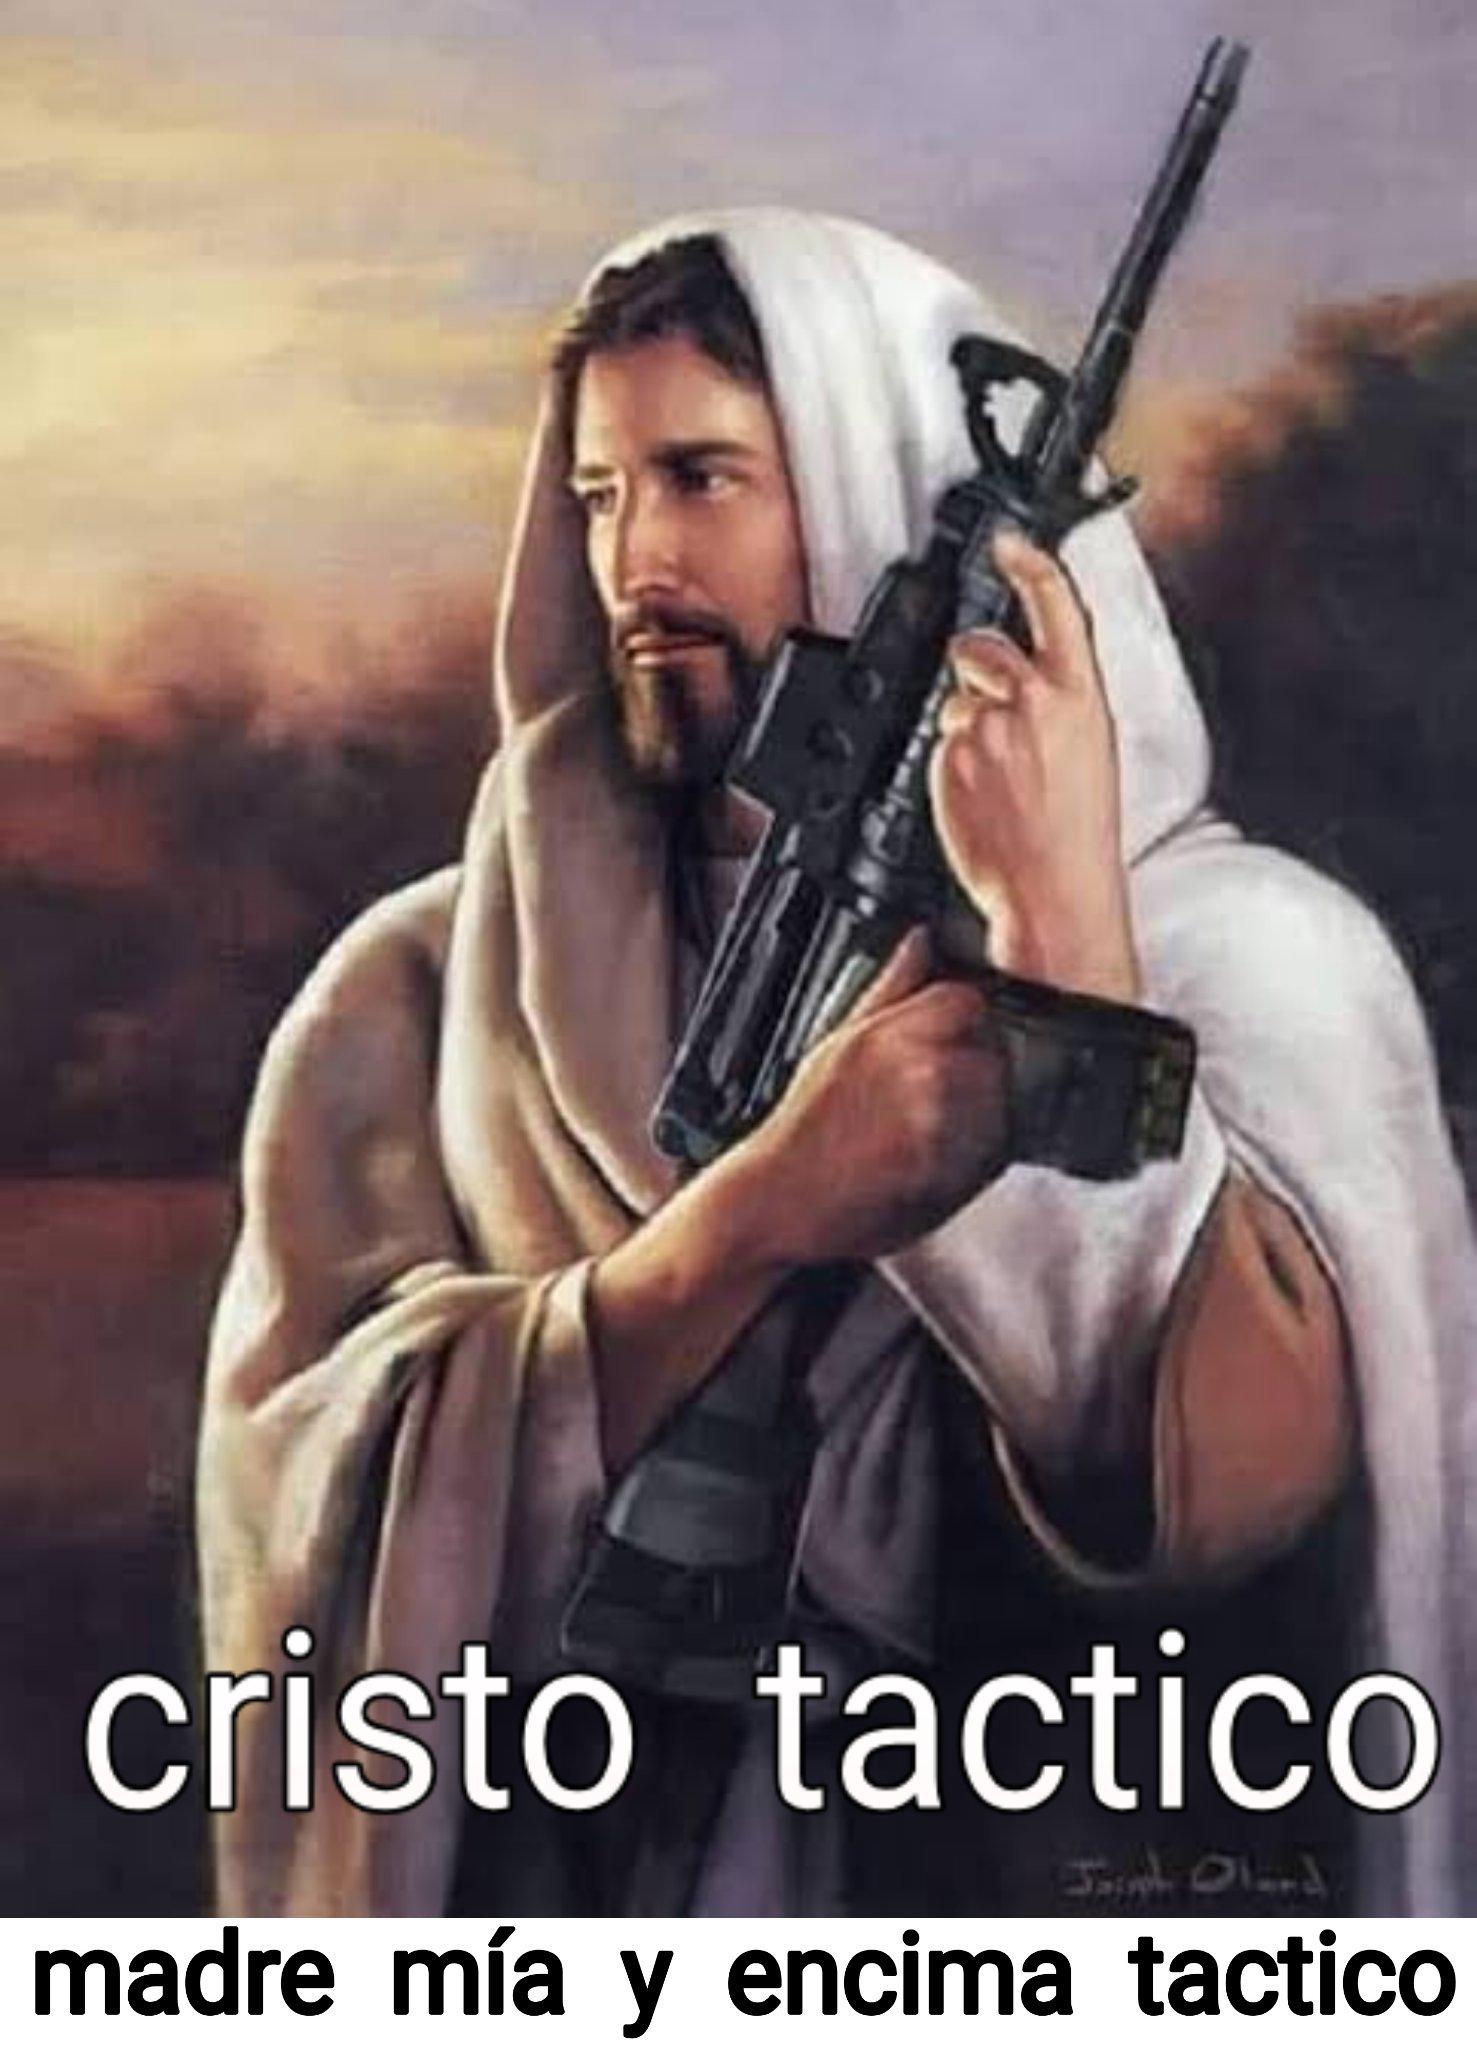 Cristo tactico - meme